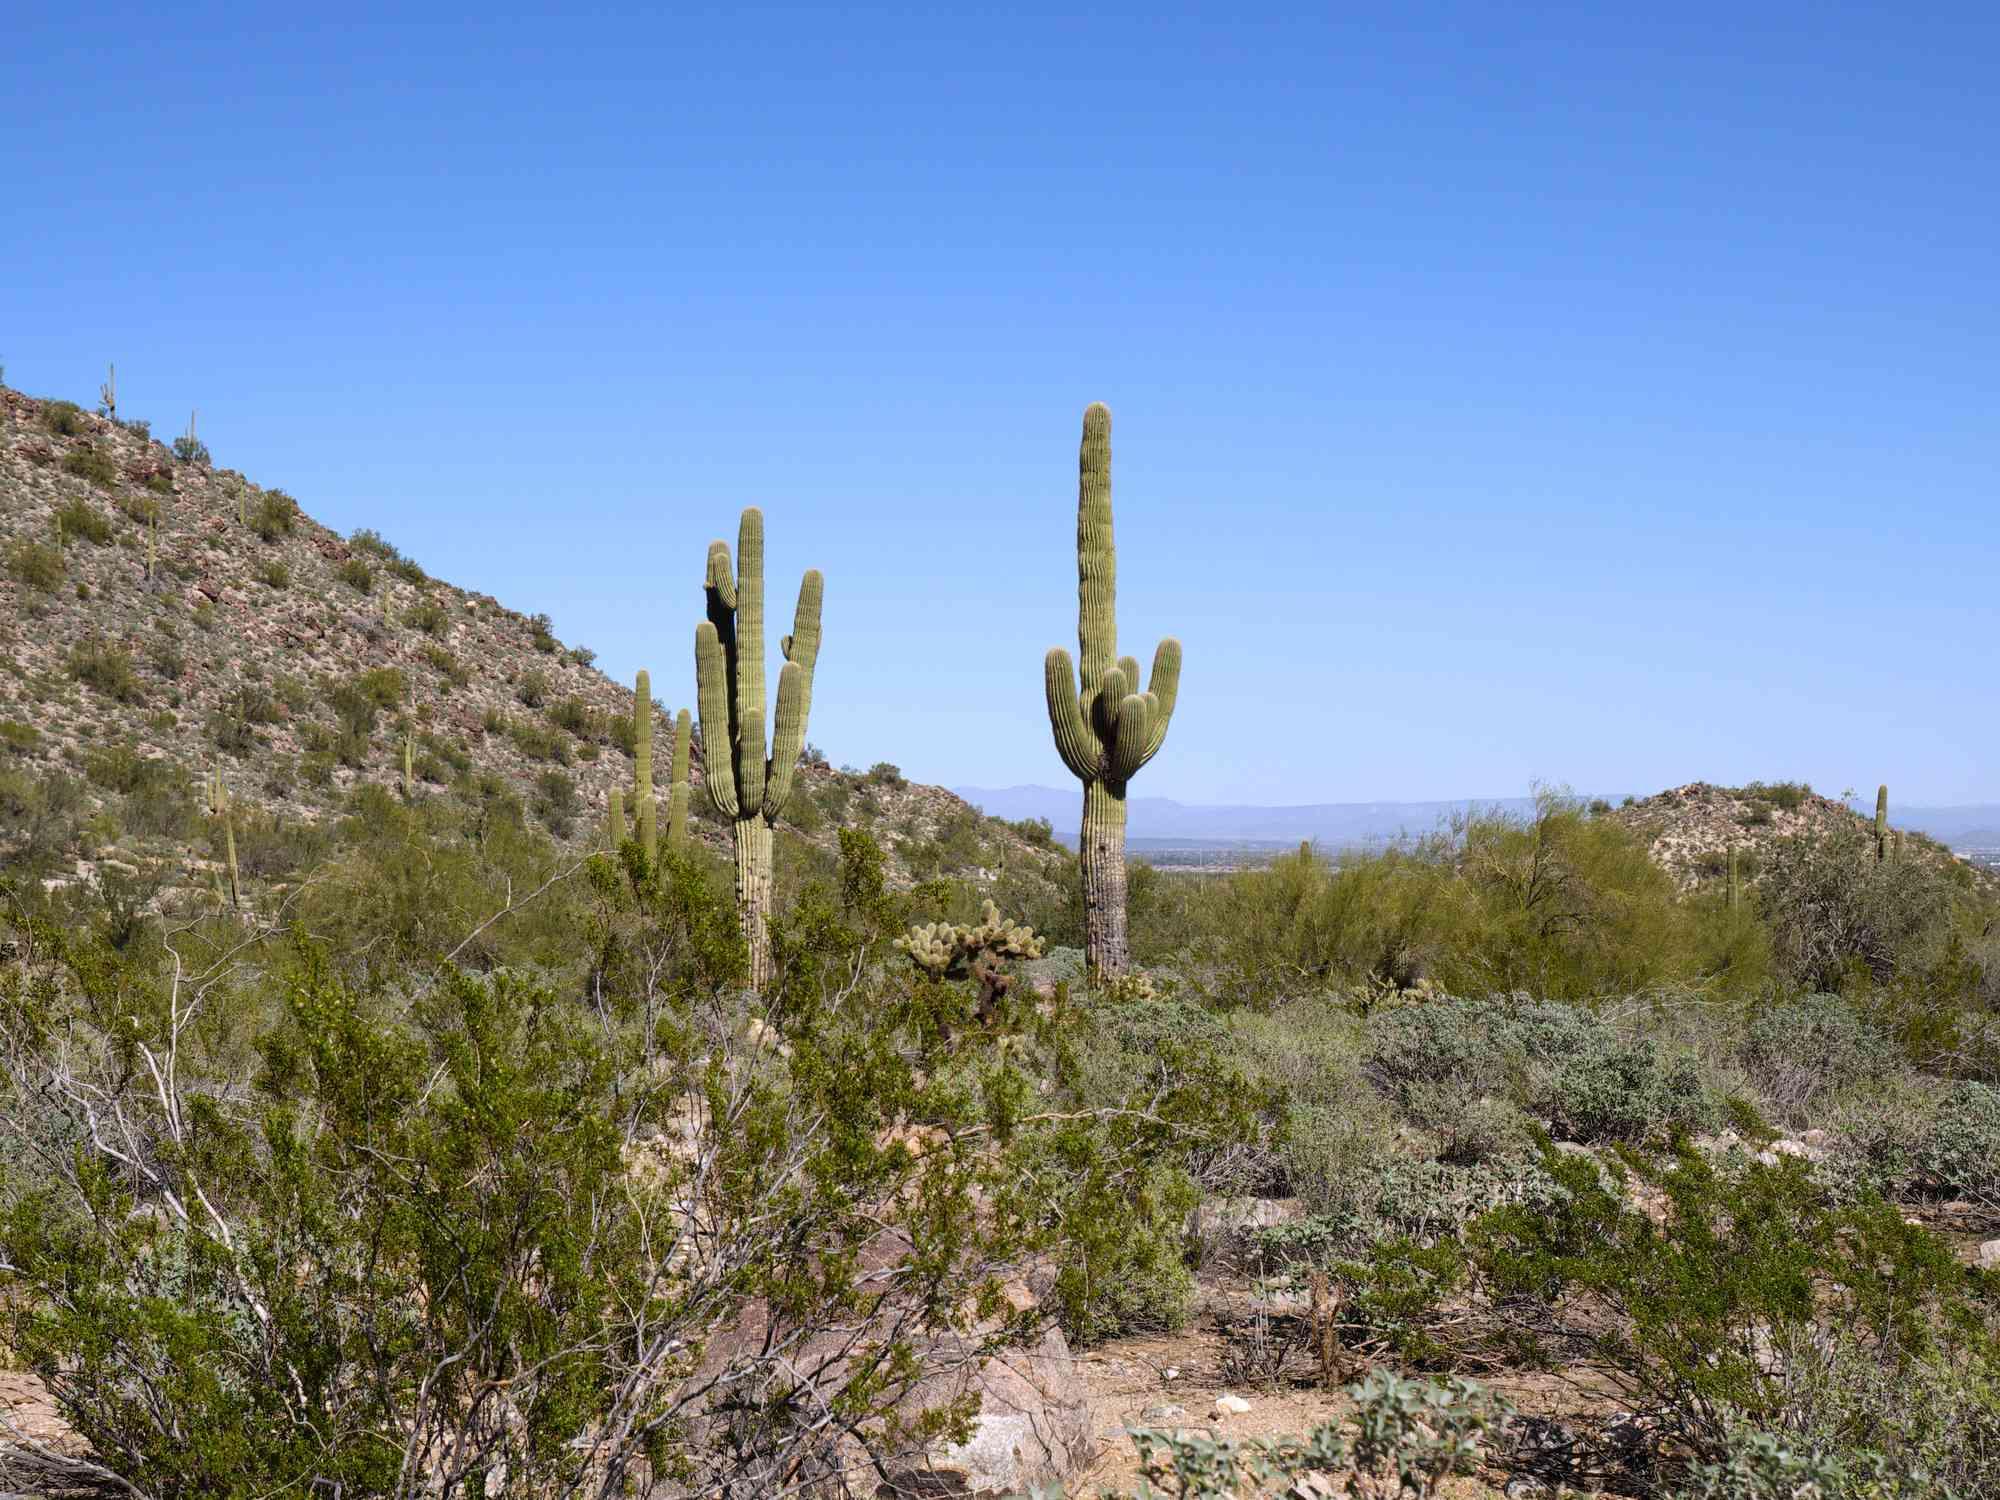 Saguaro Cacti at White Tank Regional Park, AZ